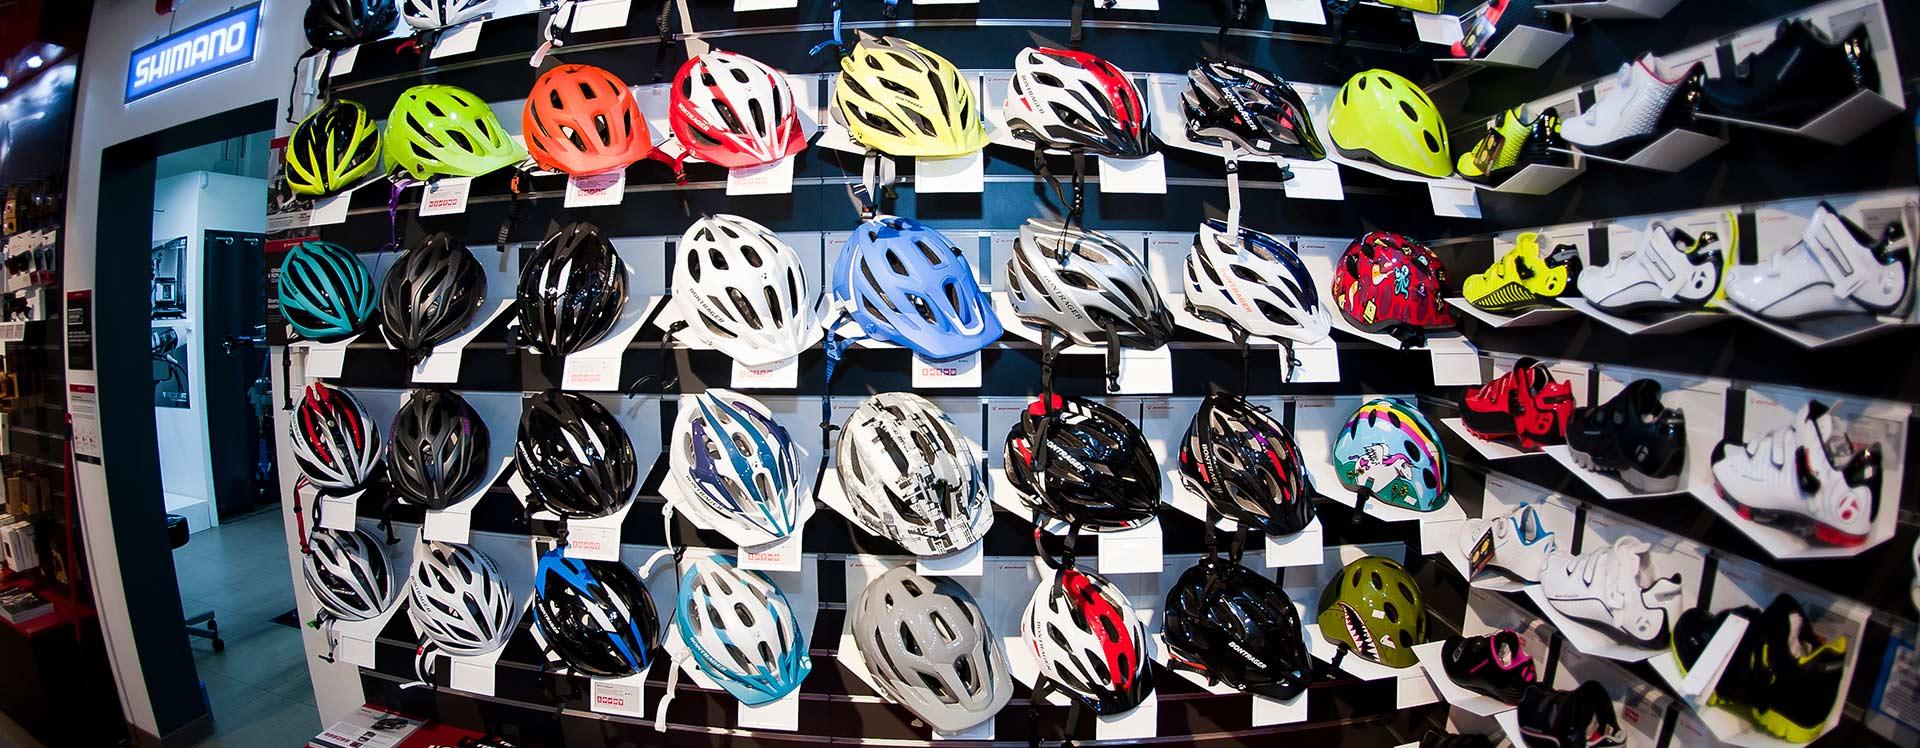 Zostań dostawcą sklepu rowerowego